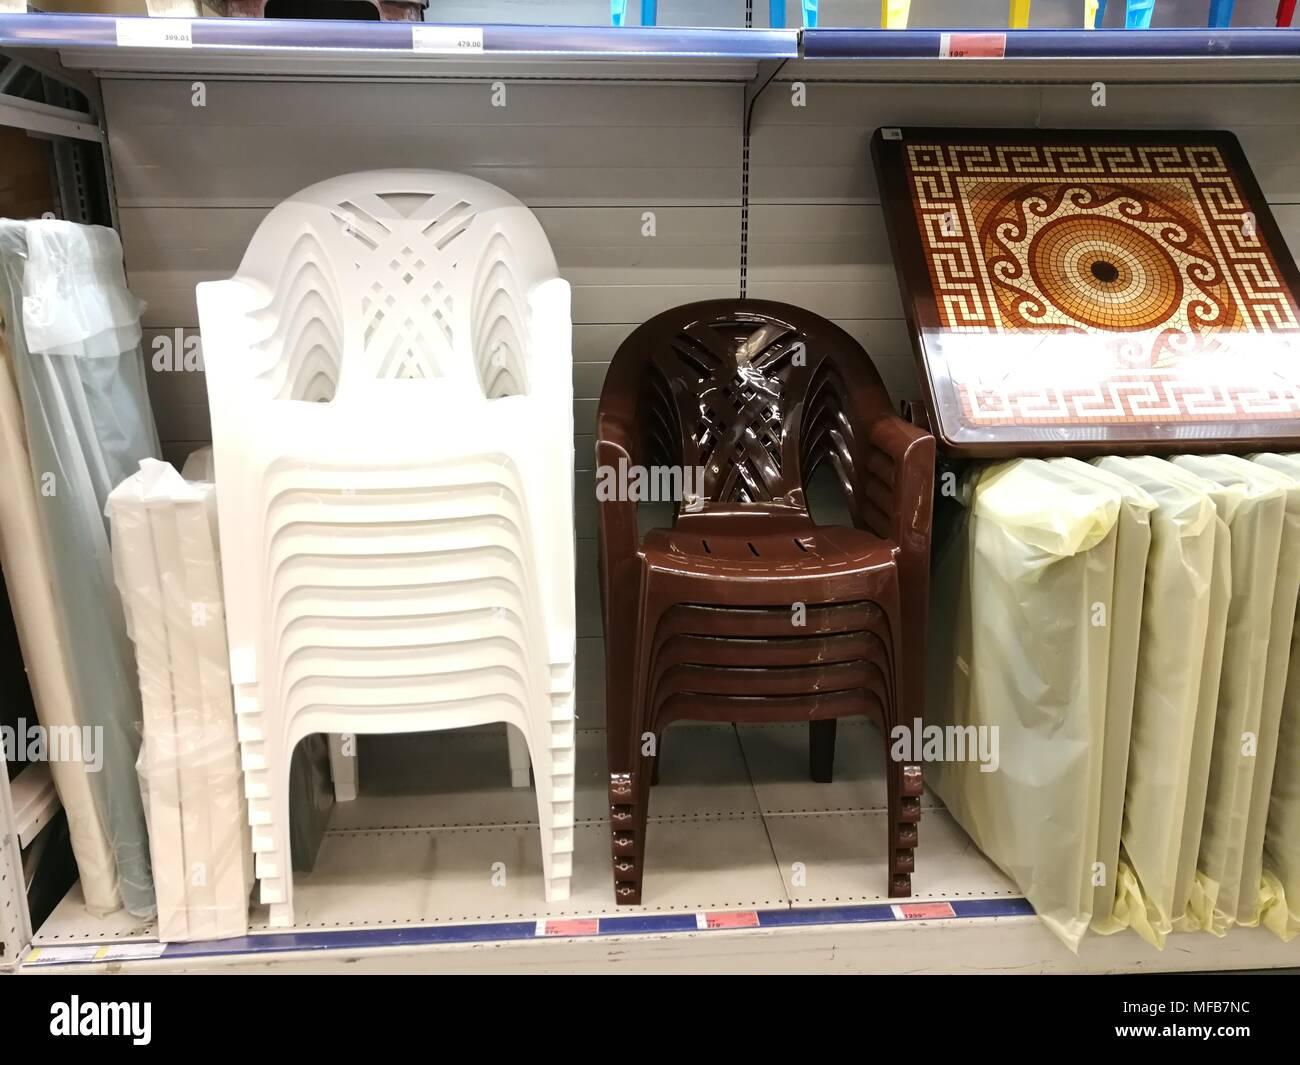 Sedie In Plastica Stock.Impilati In Righe Di Sedie Di Plastica Sono Pronti Per La Vendita In